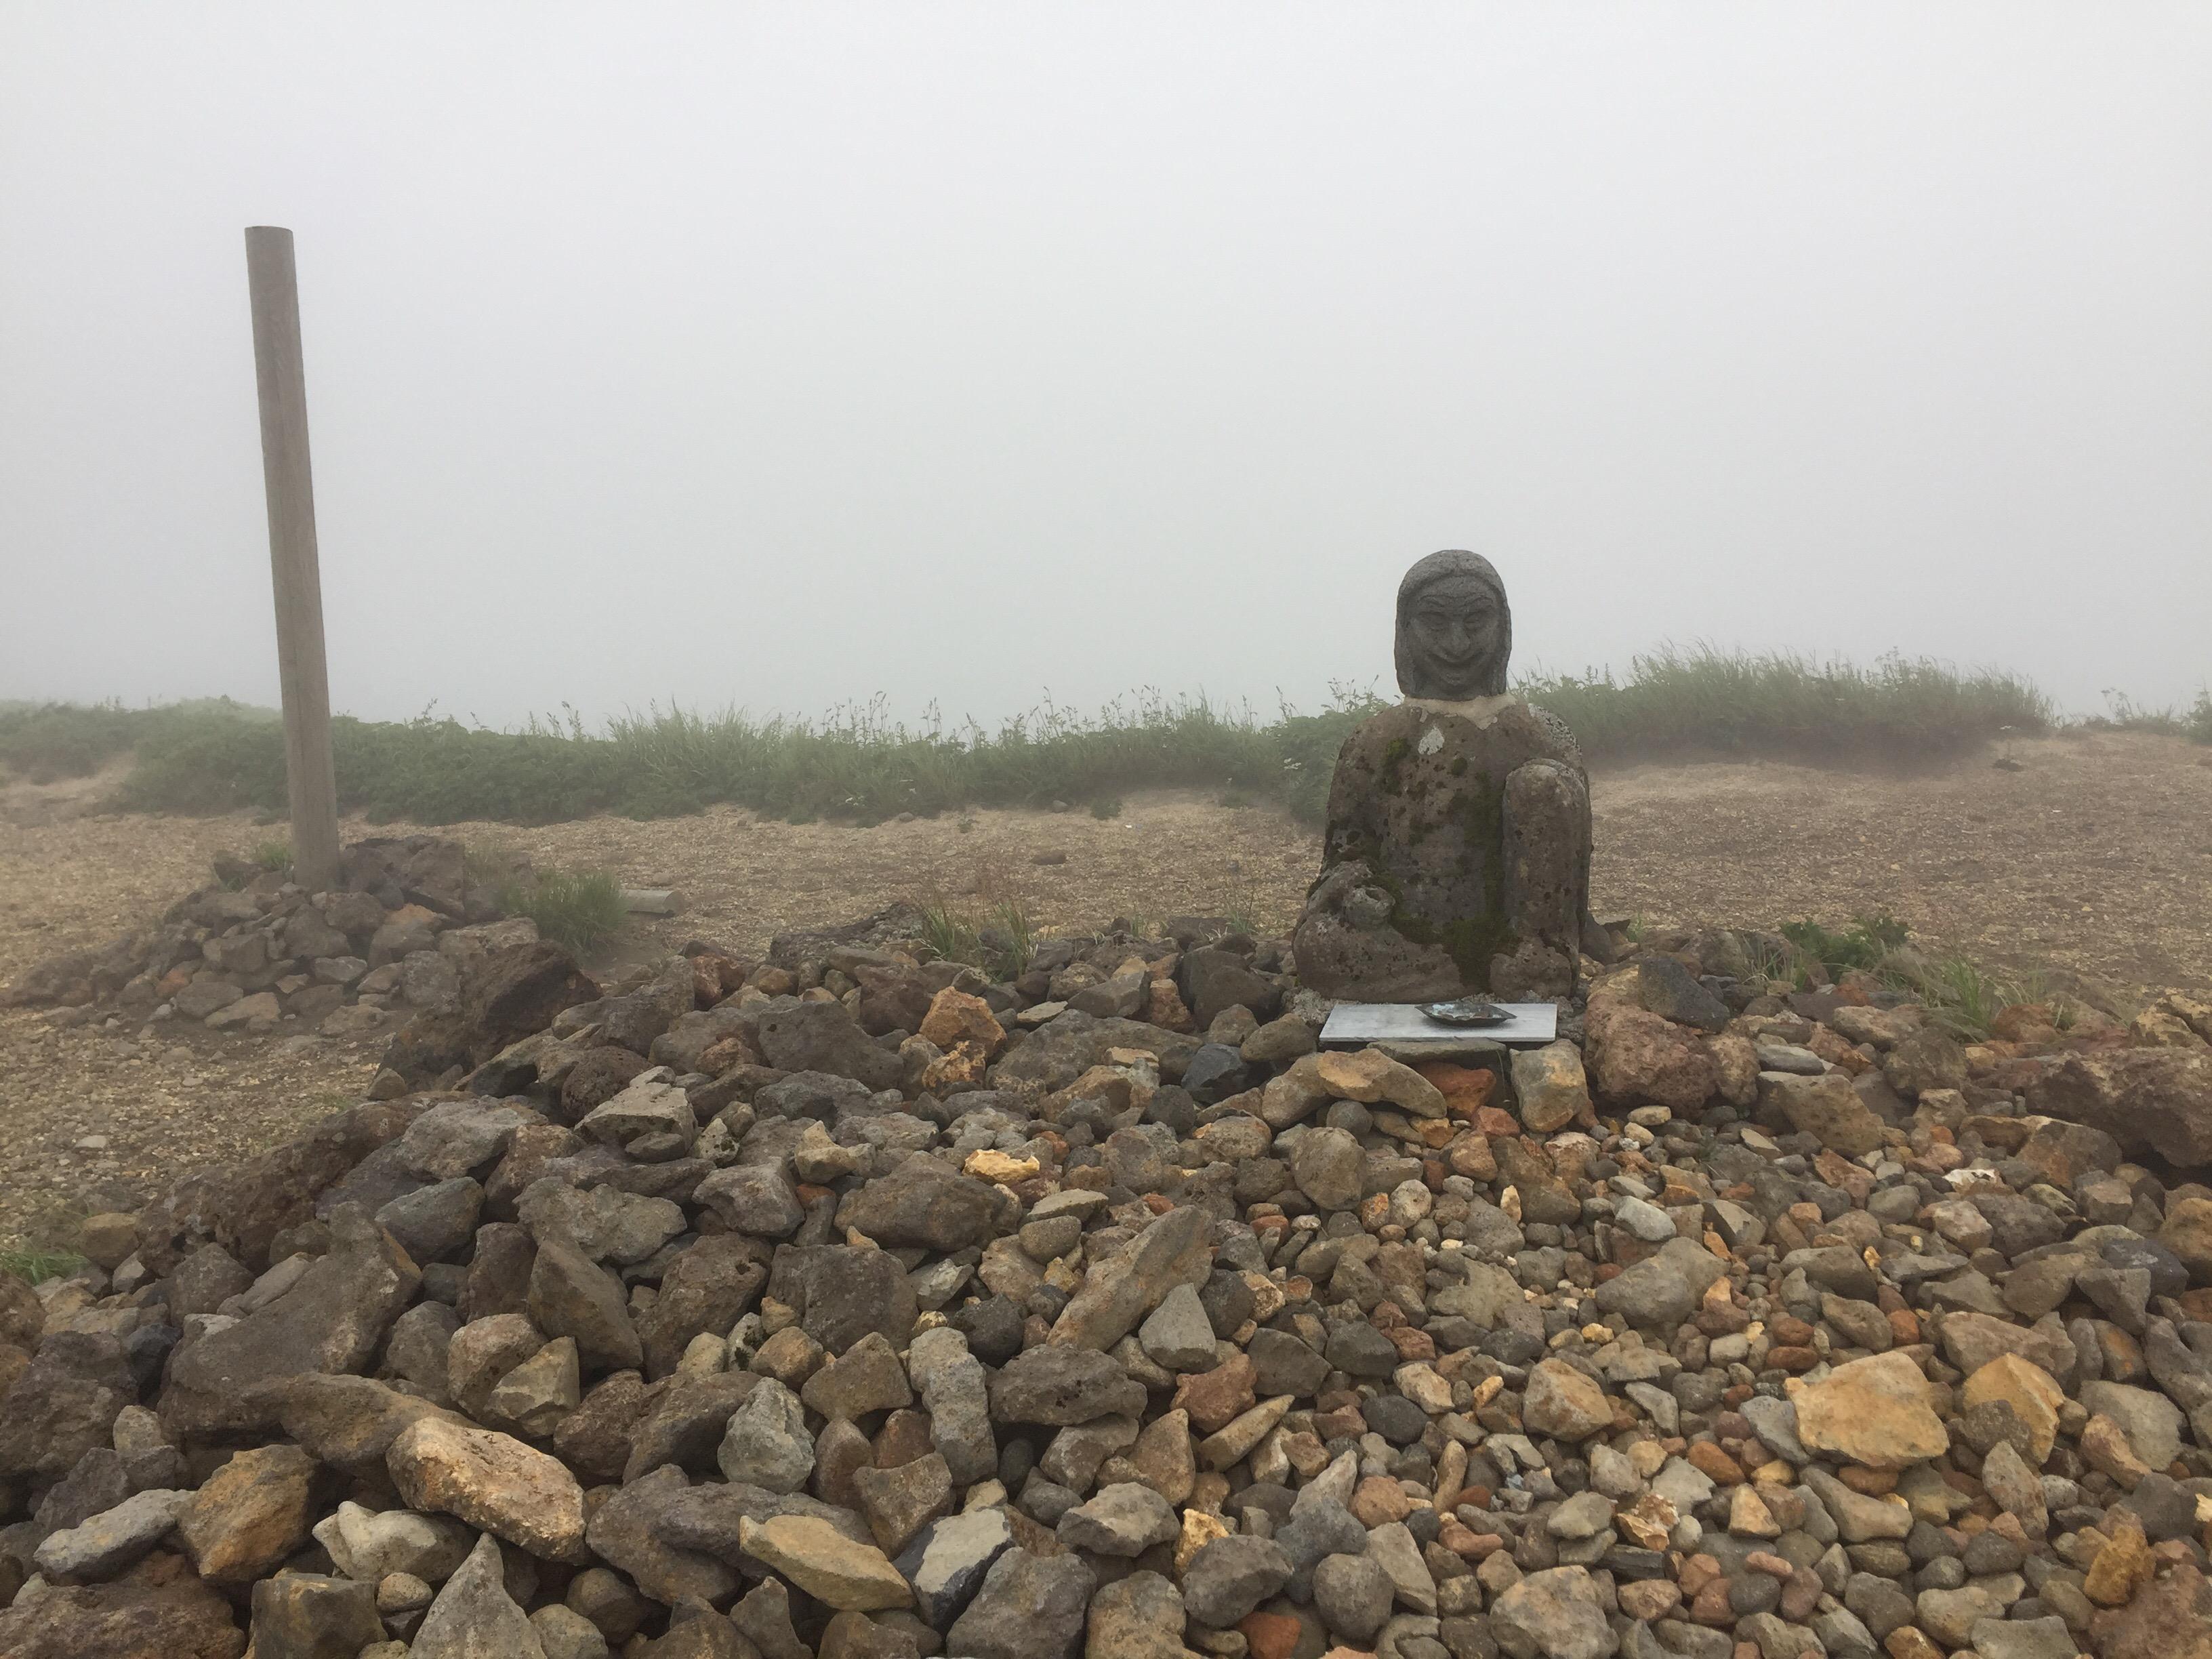 蔵王 熊野岳 日本百名山 山形百名山 ワサ小屋跡 姥神様